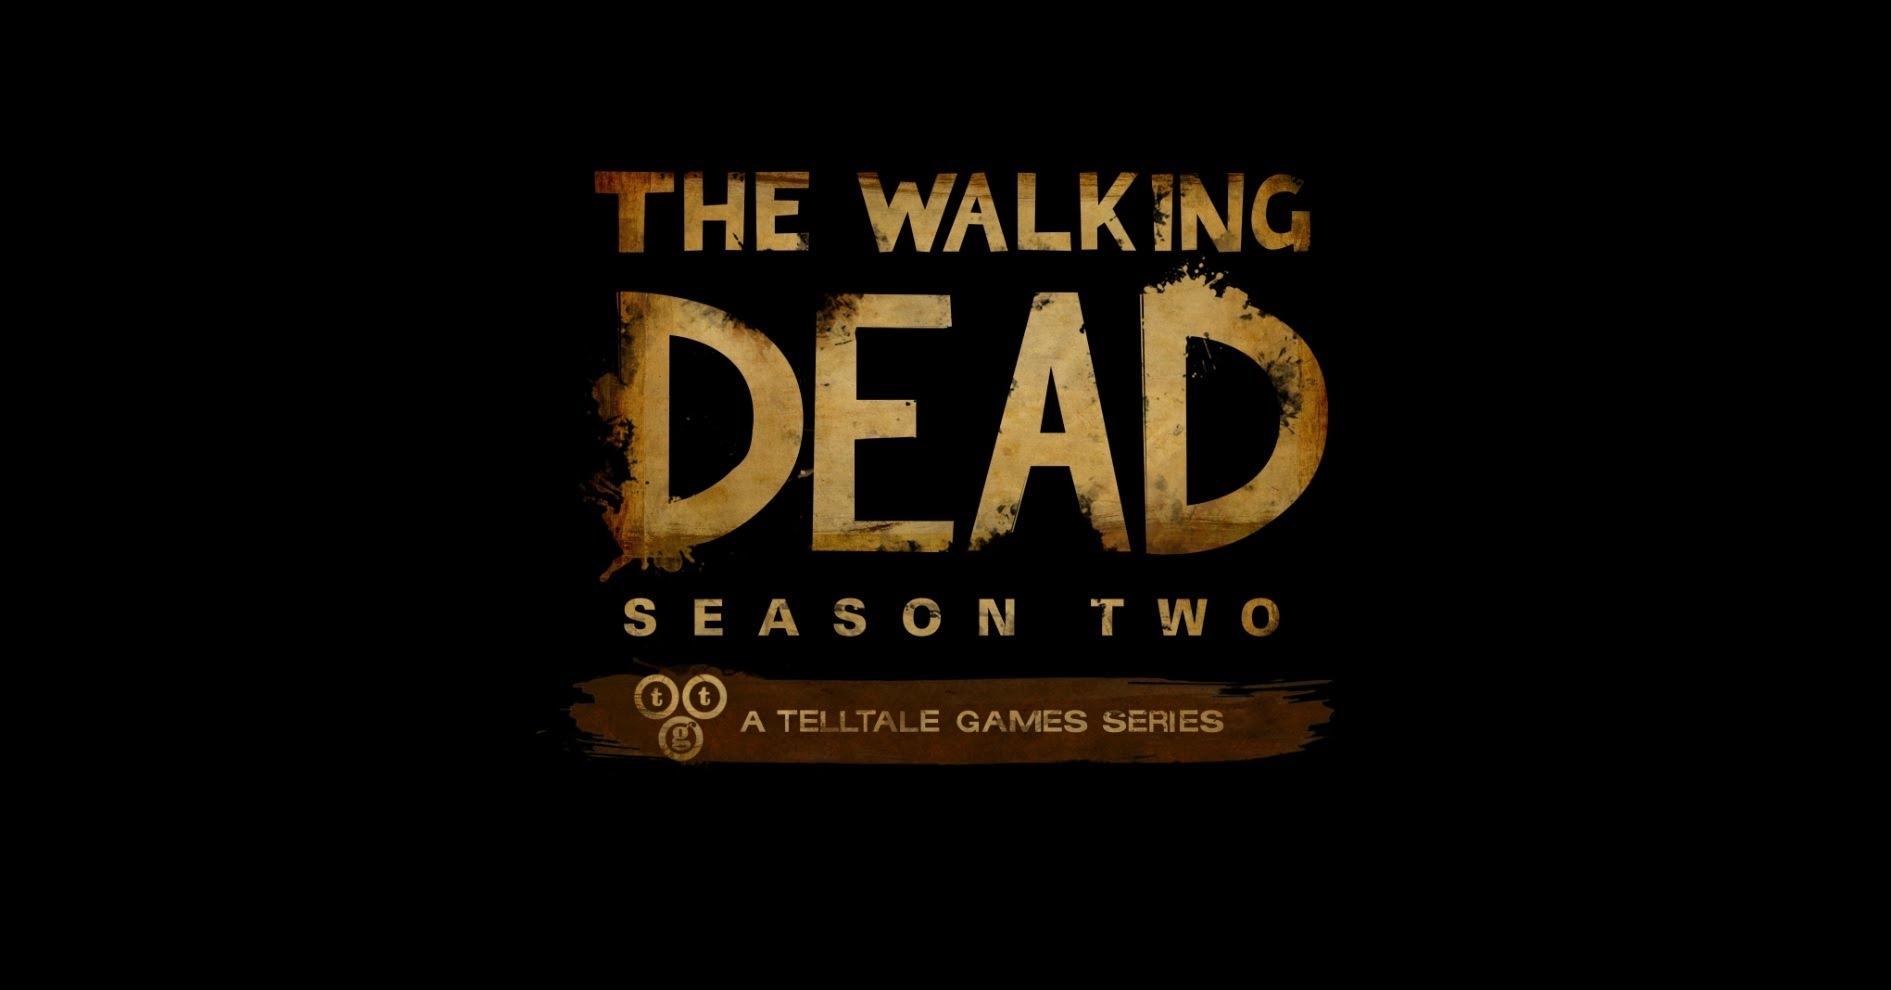 The Walking Dead- Season Two - Promo Art